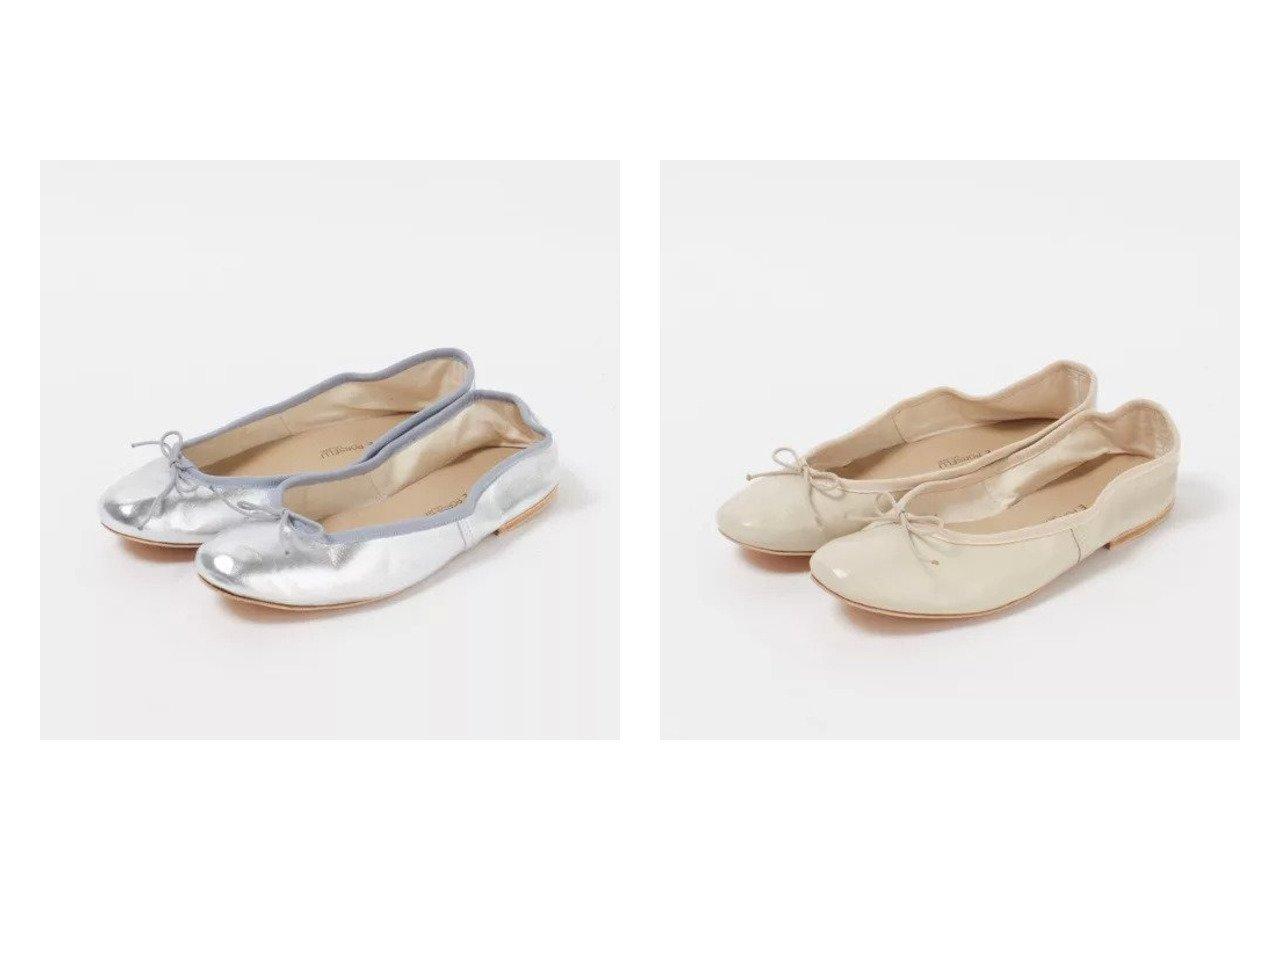 【porselli/ポルセリ】のバレエシューズ&バレエシューズ 【シューズ・靴】おすすめ!人気、トレンド・レディースファッションの通販   おすすめで人気の流行・トレンド、ファッションの通販商品 インテリア・家具・メンズファッション・キッズファッション・レディースファッション・服の通販 founy(ファニー) https://founy.com/ ファッション Fashion レディースファッション WOMEN イタリア シューズ バレエ フィット フラット ミラノ リボン |ID:crp329100000058843